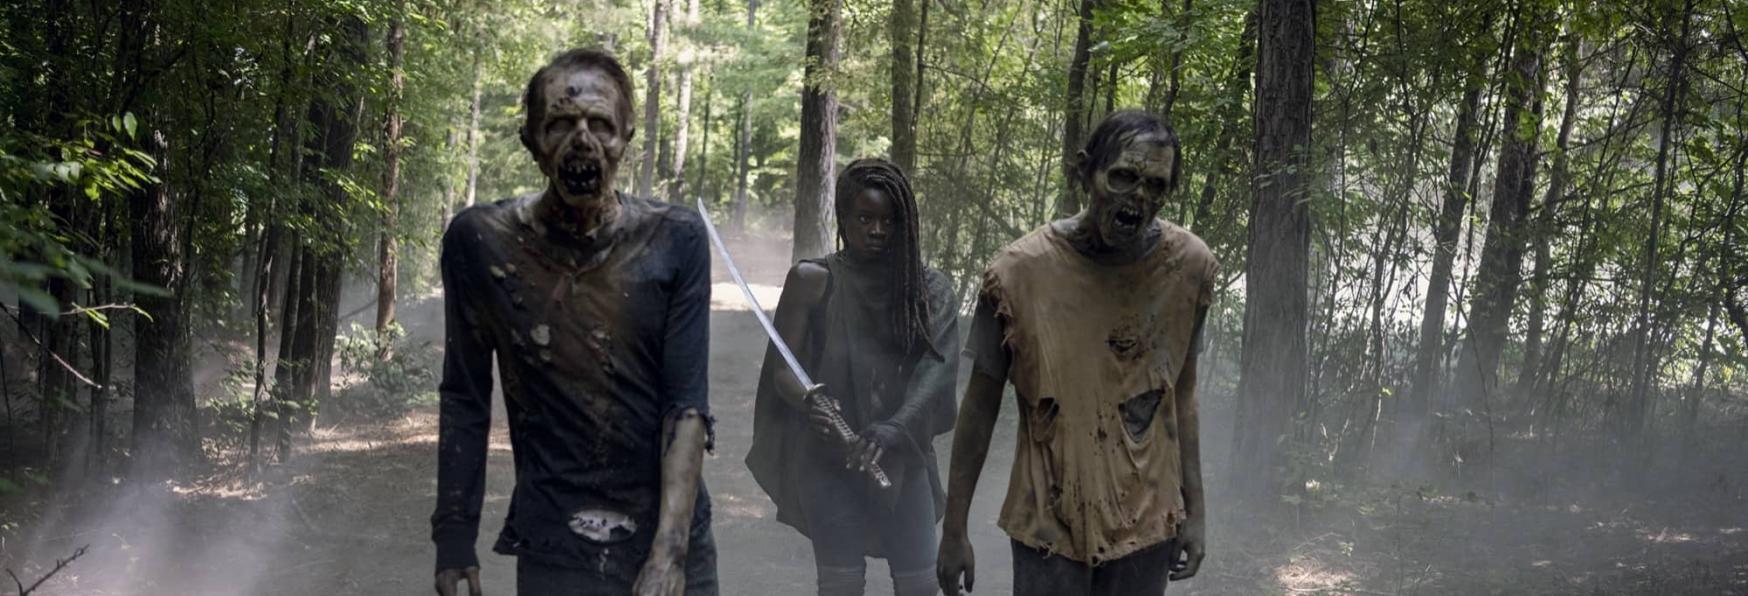 The Walking Dead 10: in giornata verrà Rilasciato il Trailer Ufficiale dei nuovi Episodi